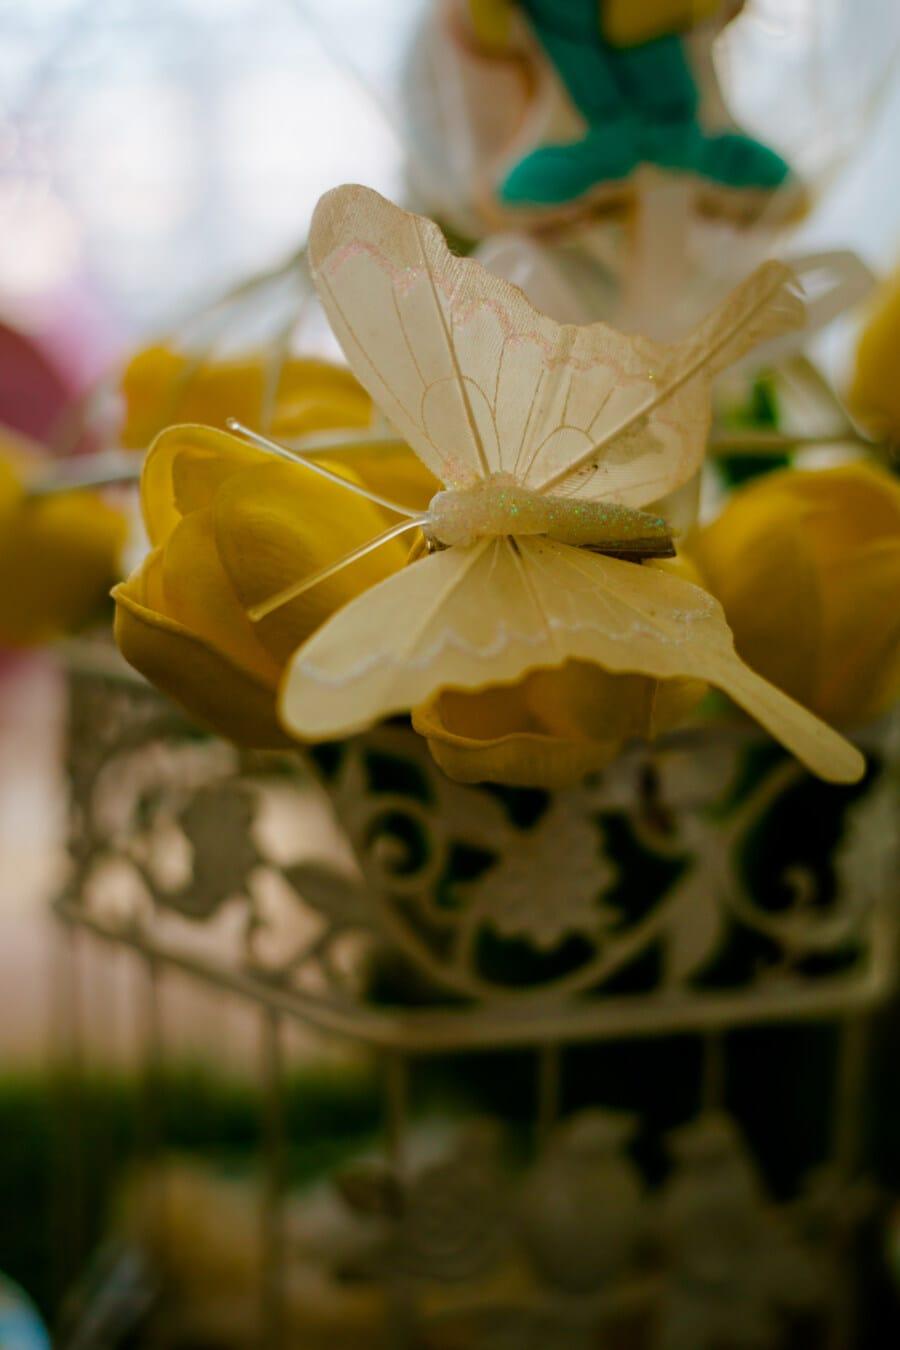 Papilionidae, jouet, plastique, décoration, fermer, nature morte, insecte, belle, couleur, Jaune